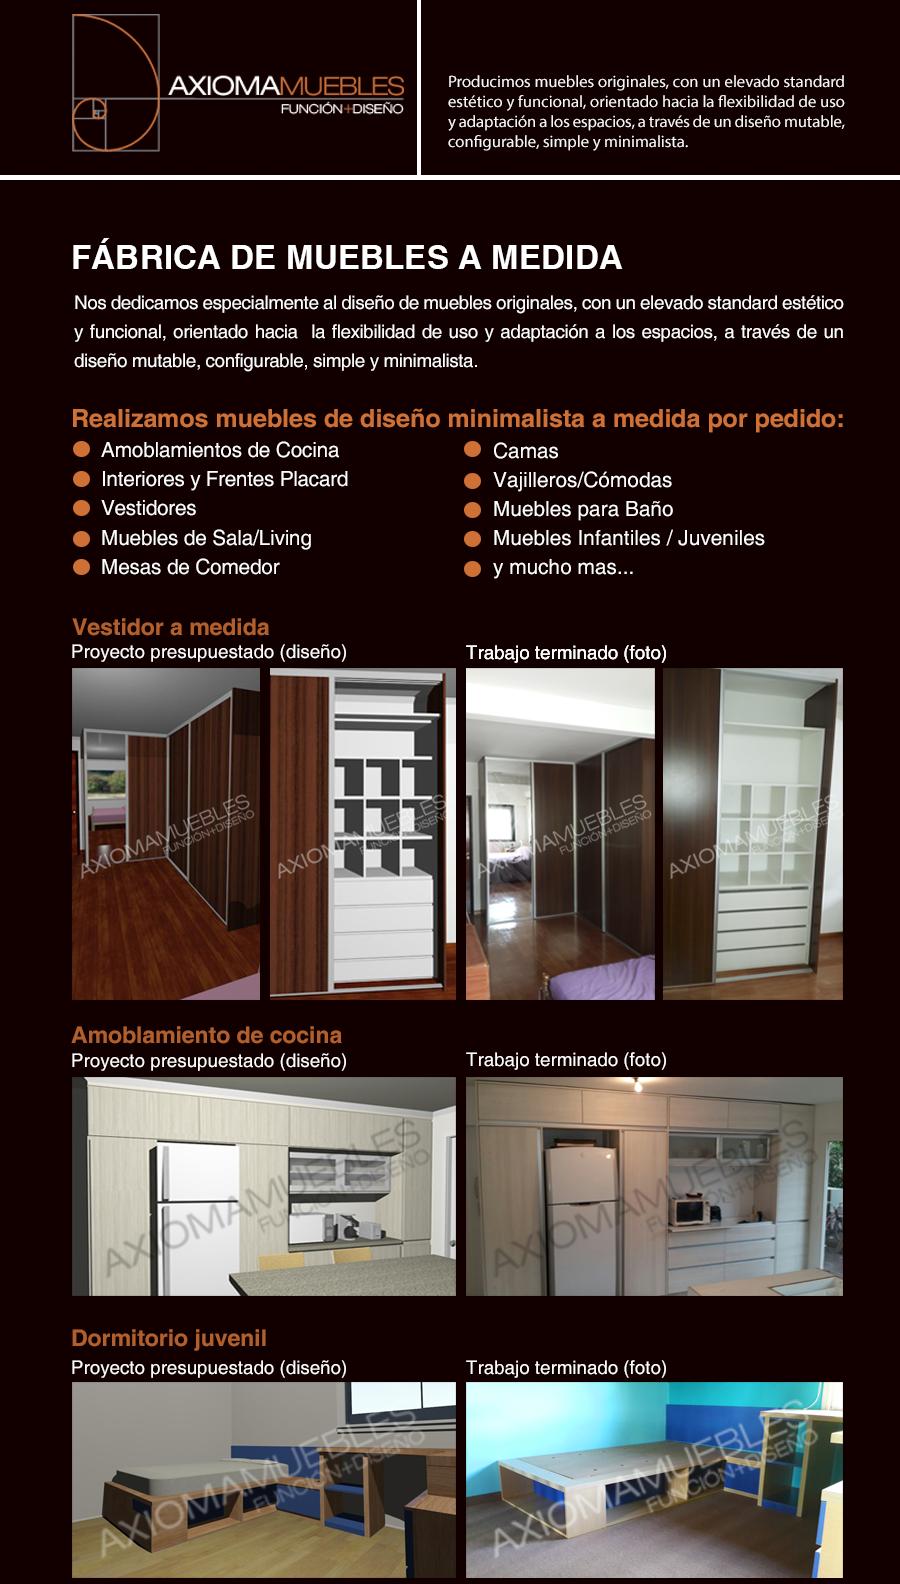 Plantillas Y Fotos # Mutable Muebles